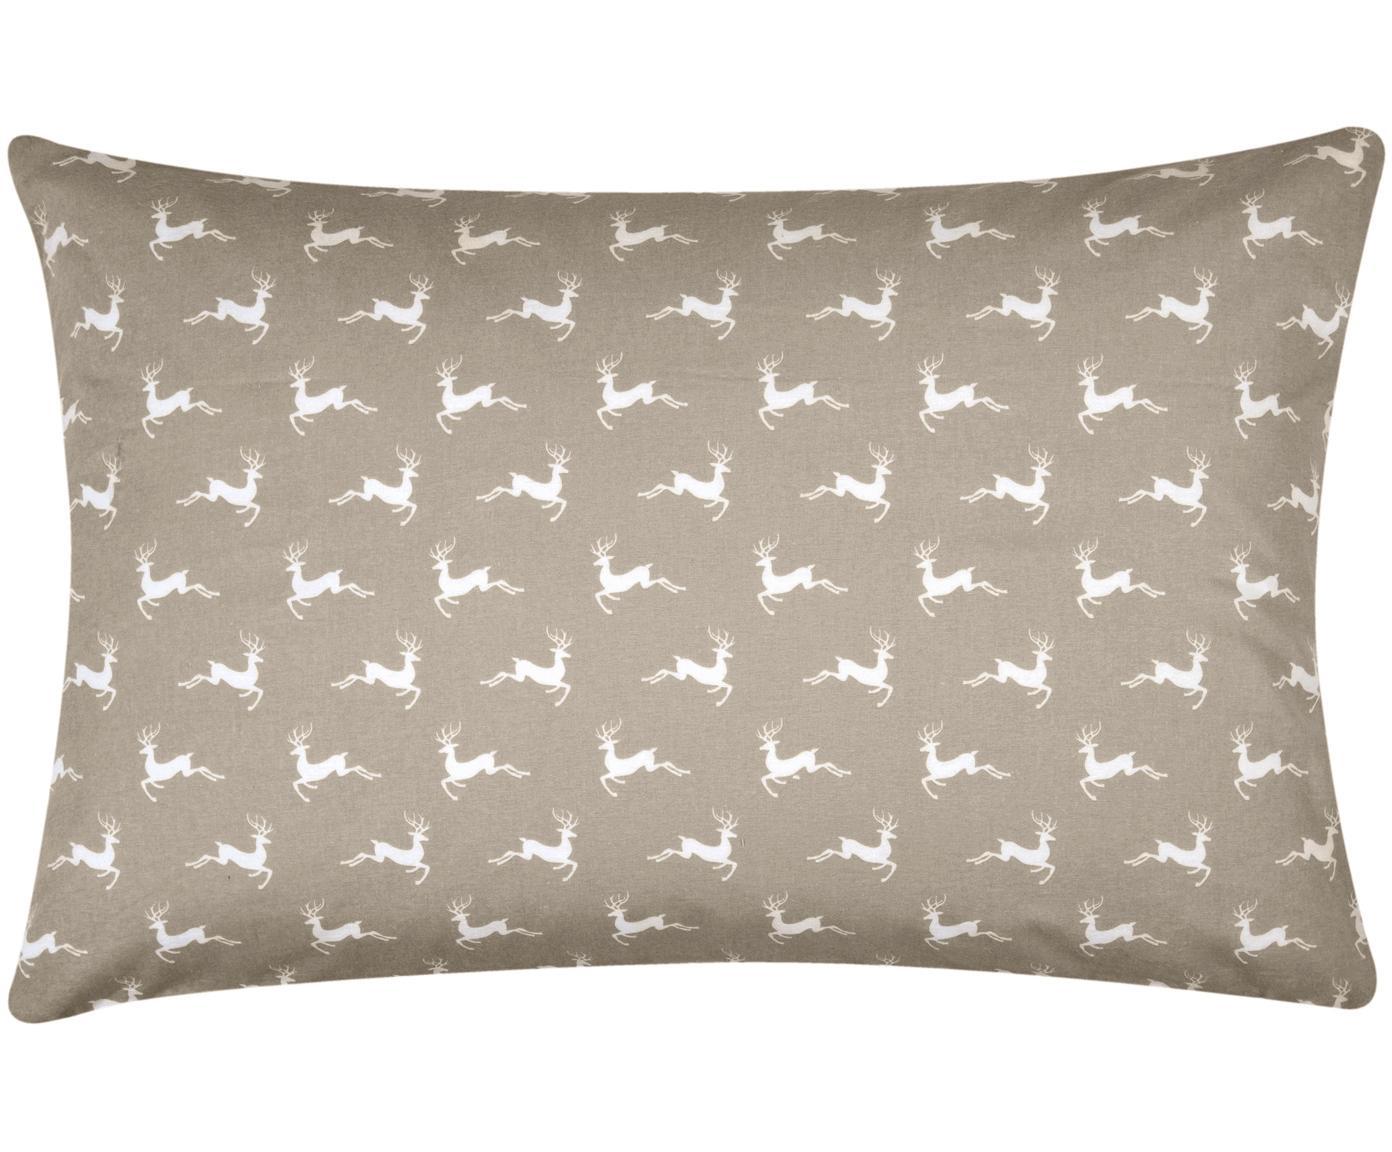 Poszewka na poduszkę z flaneli Rudolph, Beżowy, biały, S 65 x D 100 cm